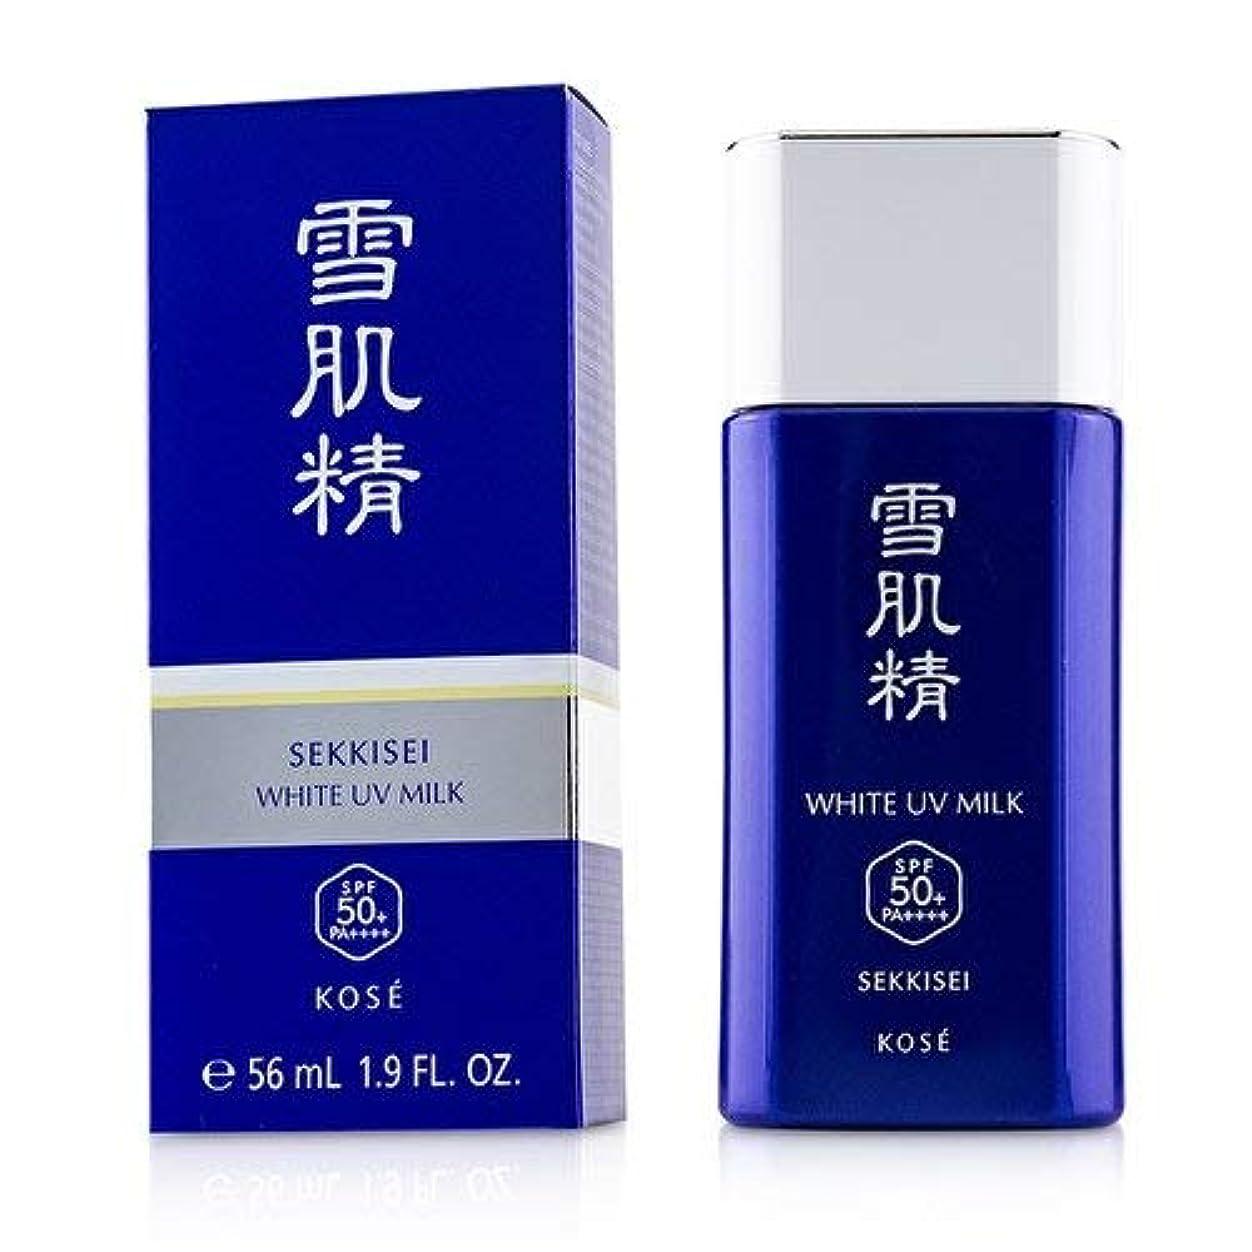 デッキ仲介者わなコーセー 雪肌精 ホワイト UV ミルク SPF50+/PA++++ 60g